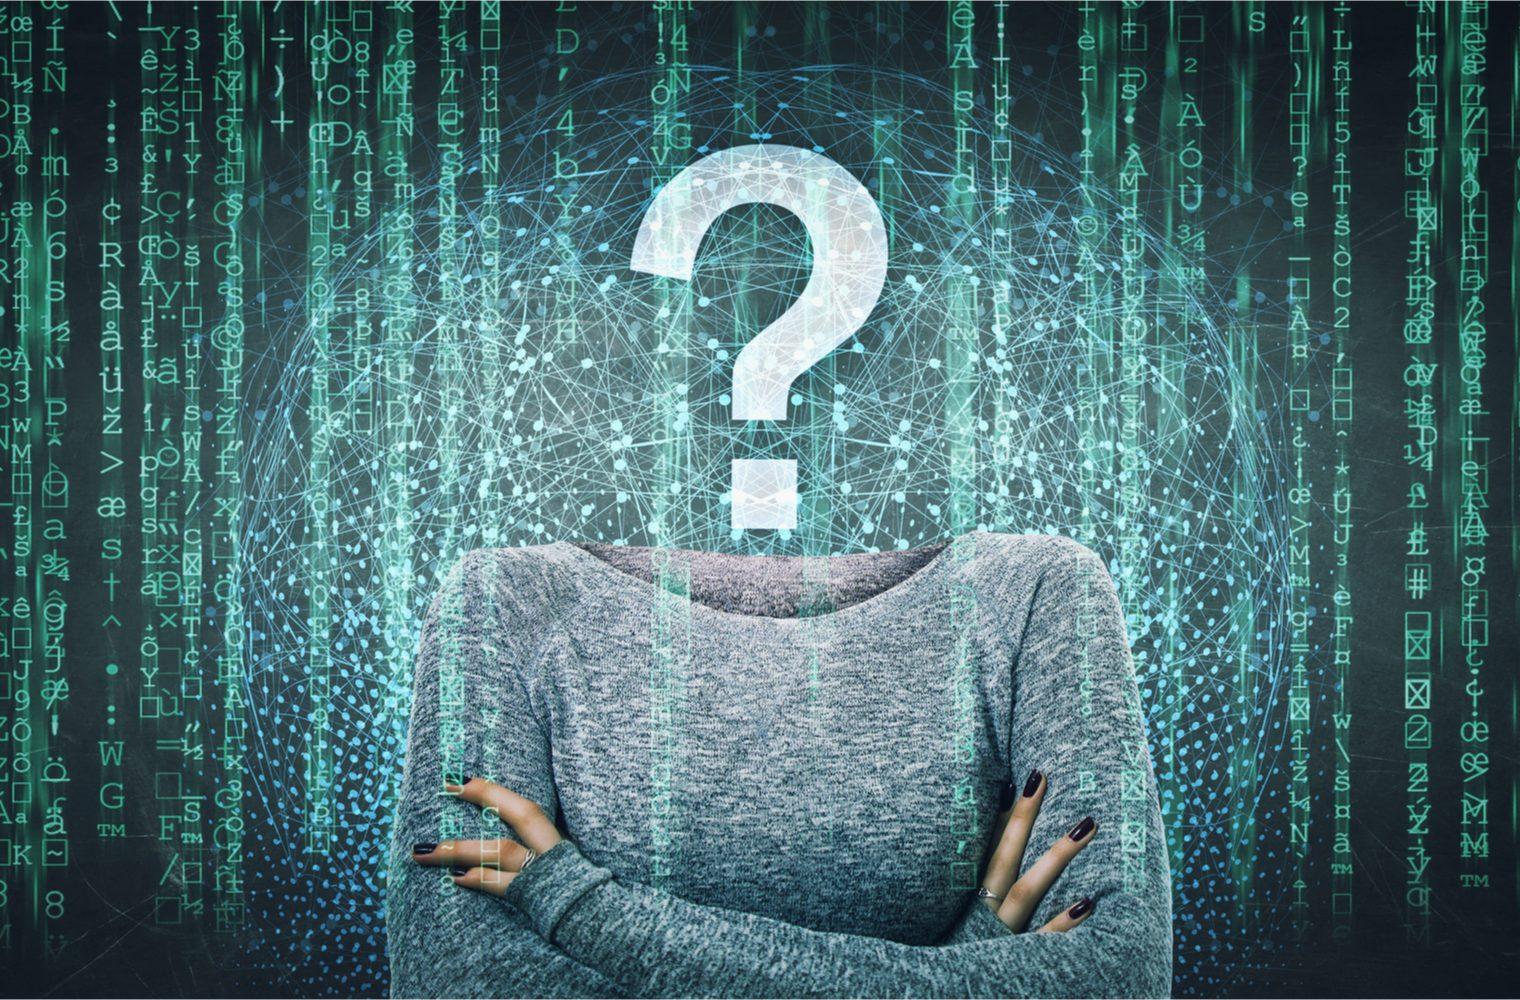 El Crypto Exchange europeo Bitbay termina el comercio de Monero debido a las características de anonimato